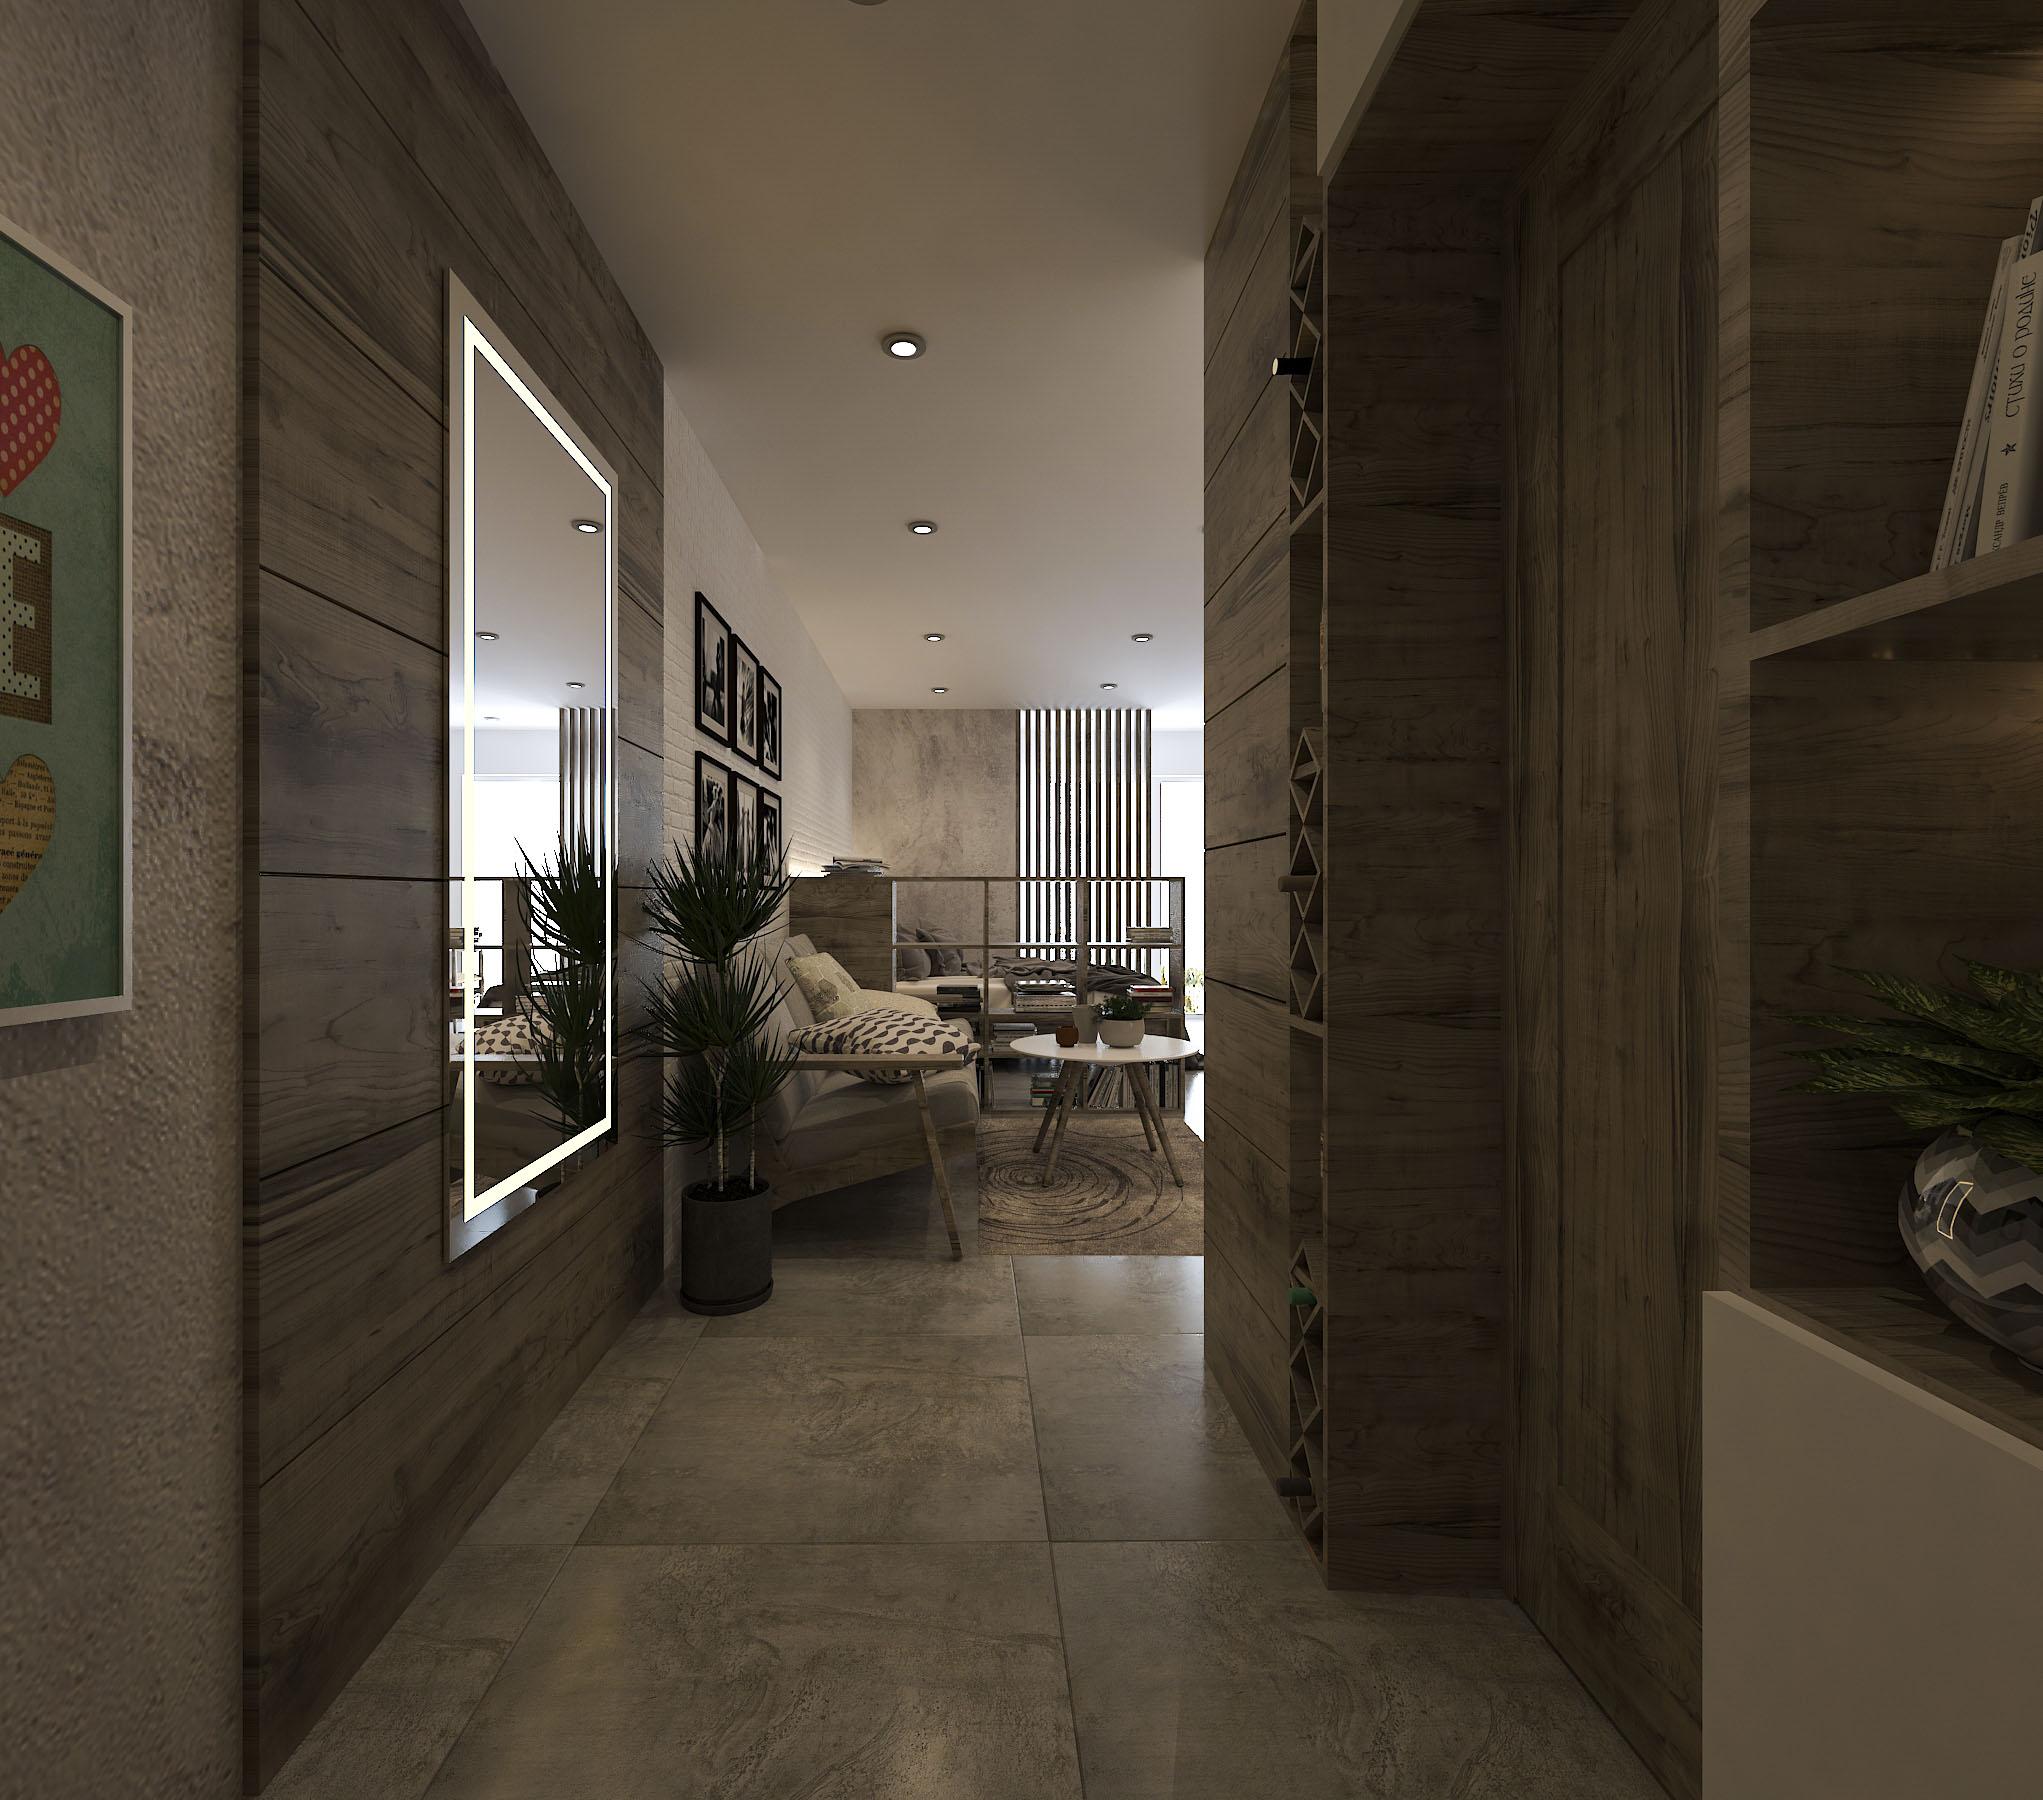 thiết kế nội thất chung cư tại Hồ Chí Minh Mr. Nam Apartment 1 1562984051